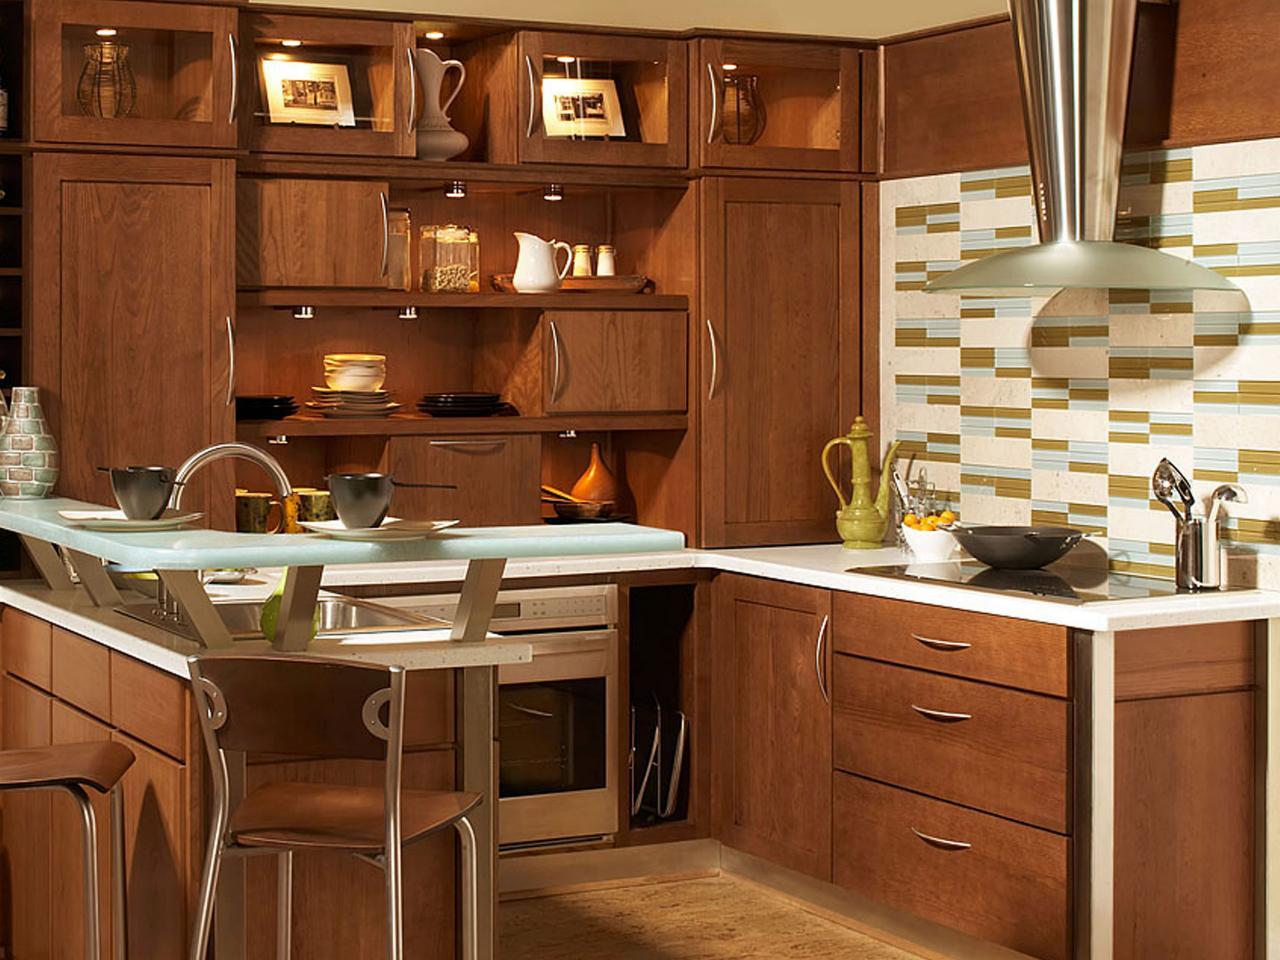 CI-Wellborn-Cabinet_kitchen-backsplash-green-aqua_s4x3.jpg.rend.hgtvcom.1280.960.jpeg